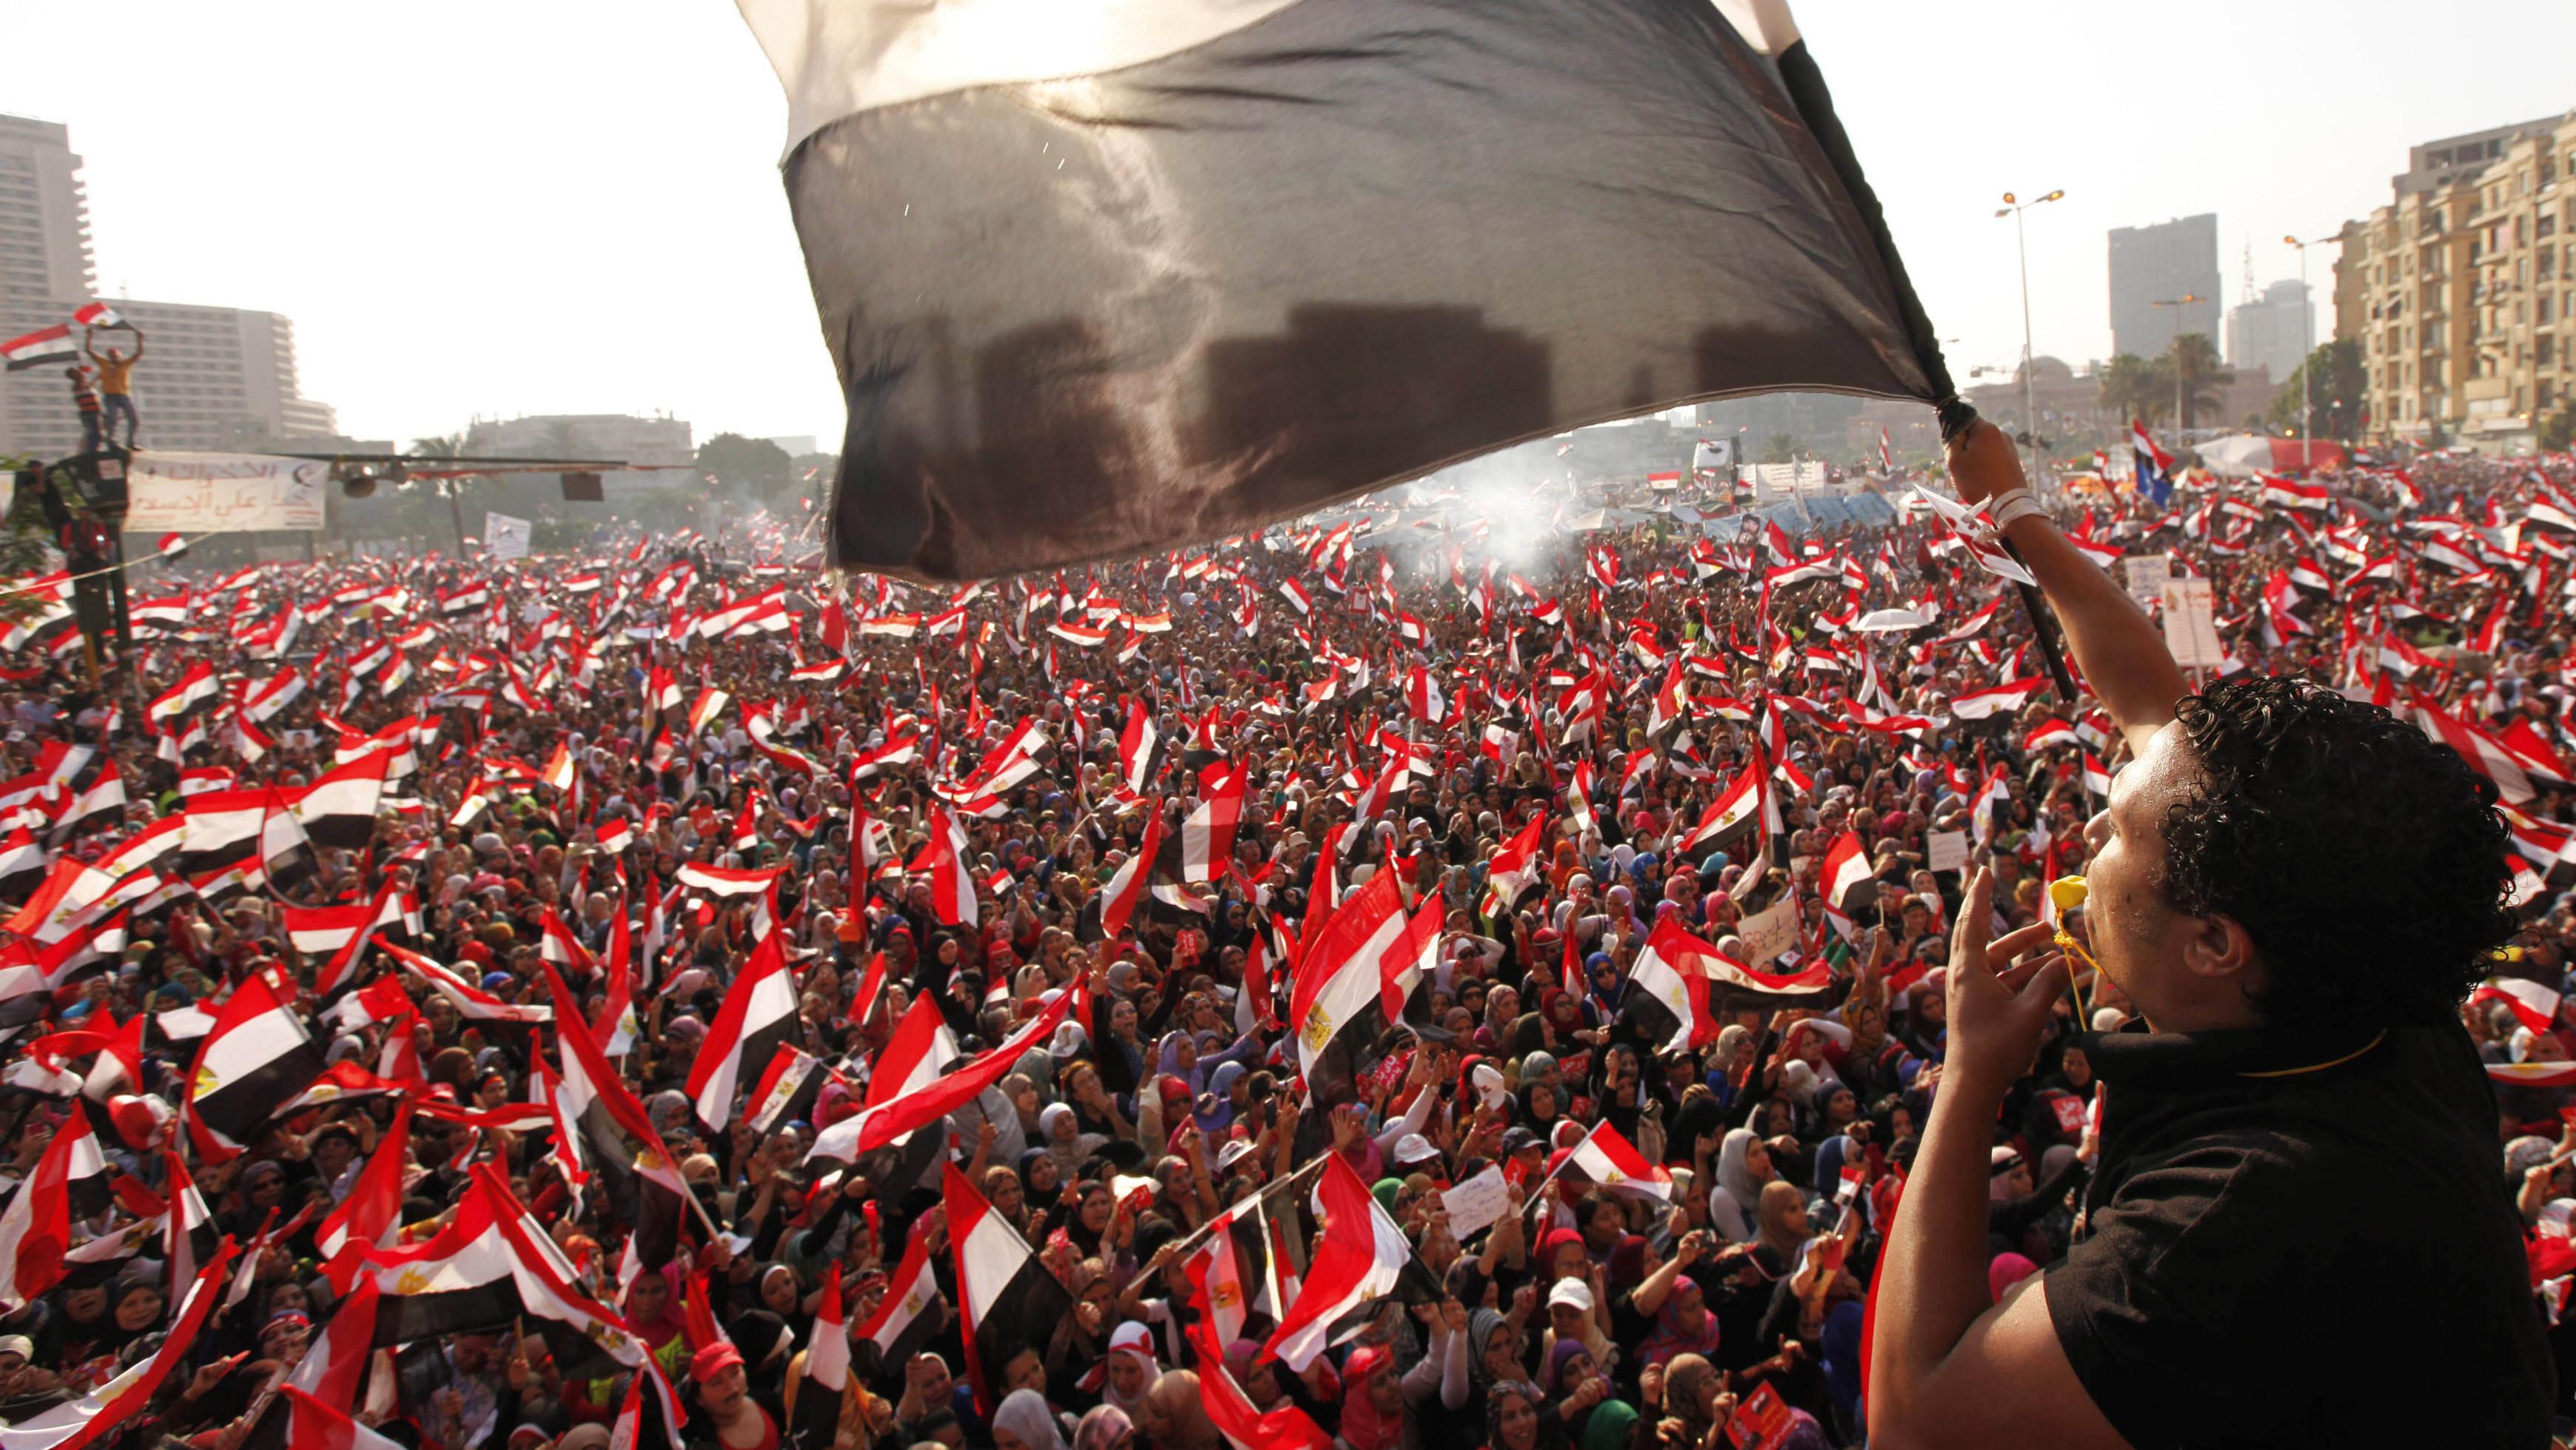 كيف يمكن تحقيق أهداف الثورات العربية؟